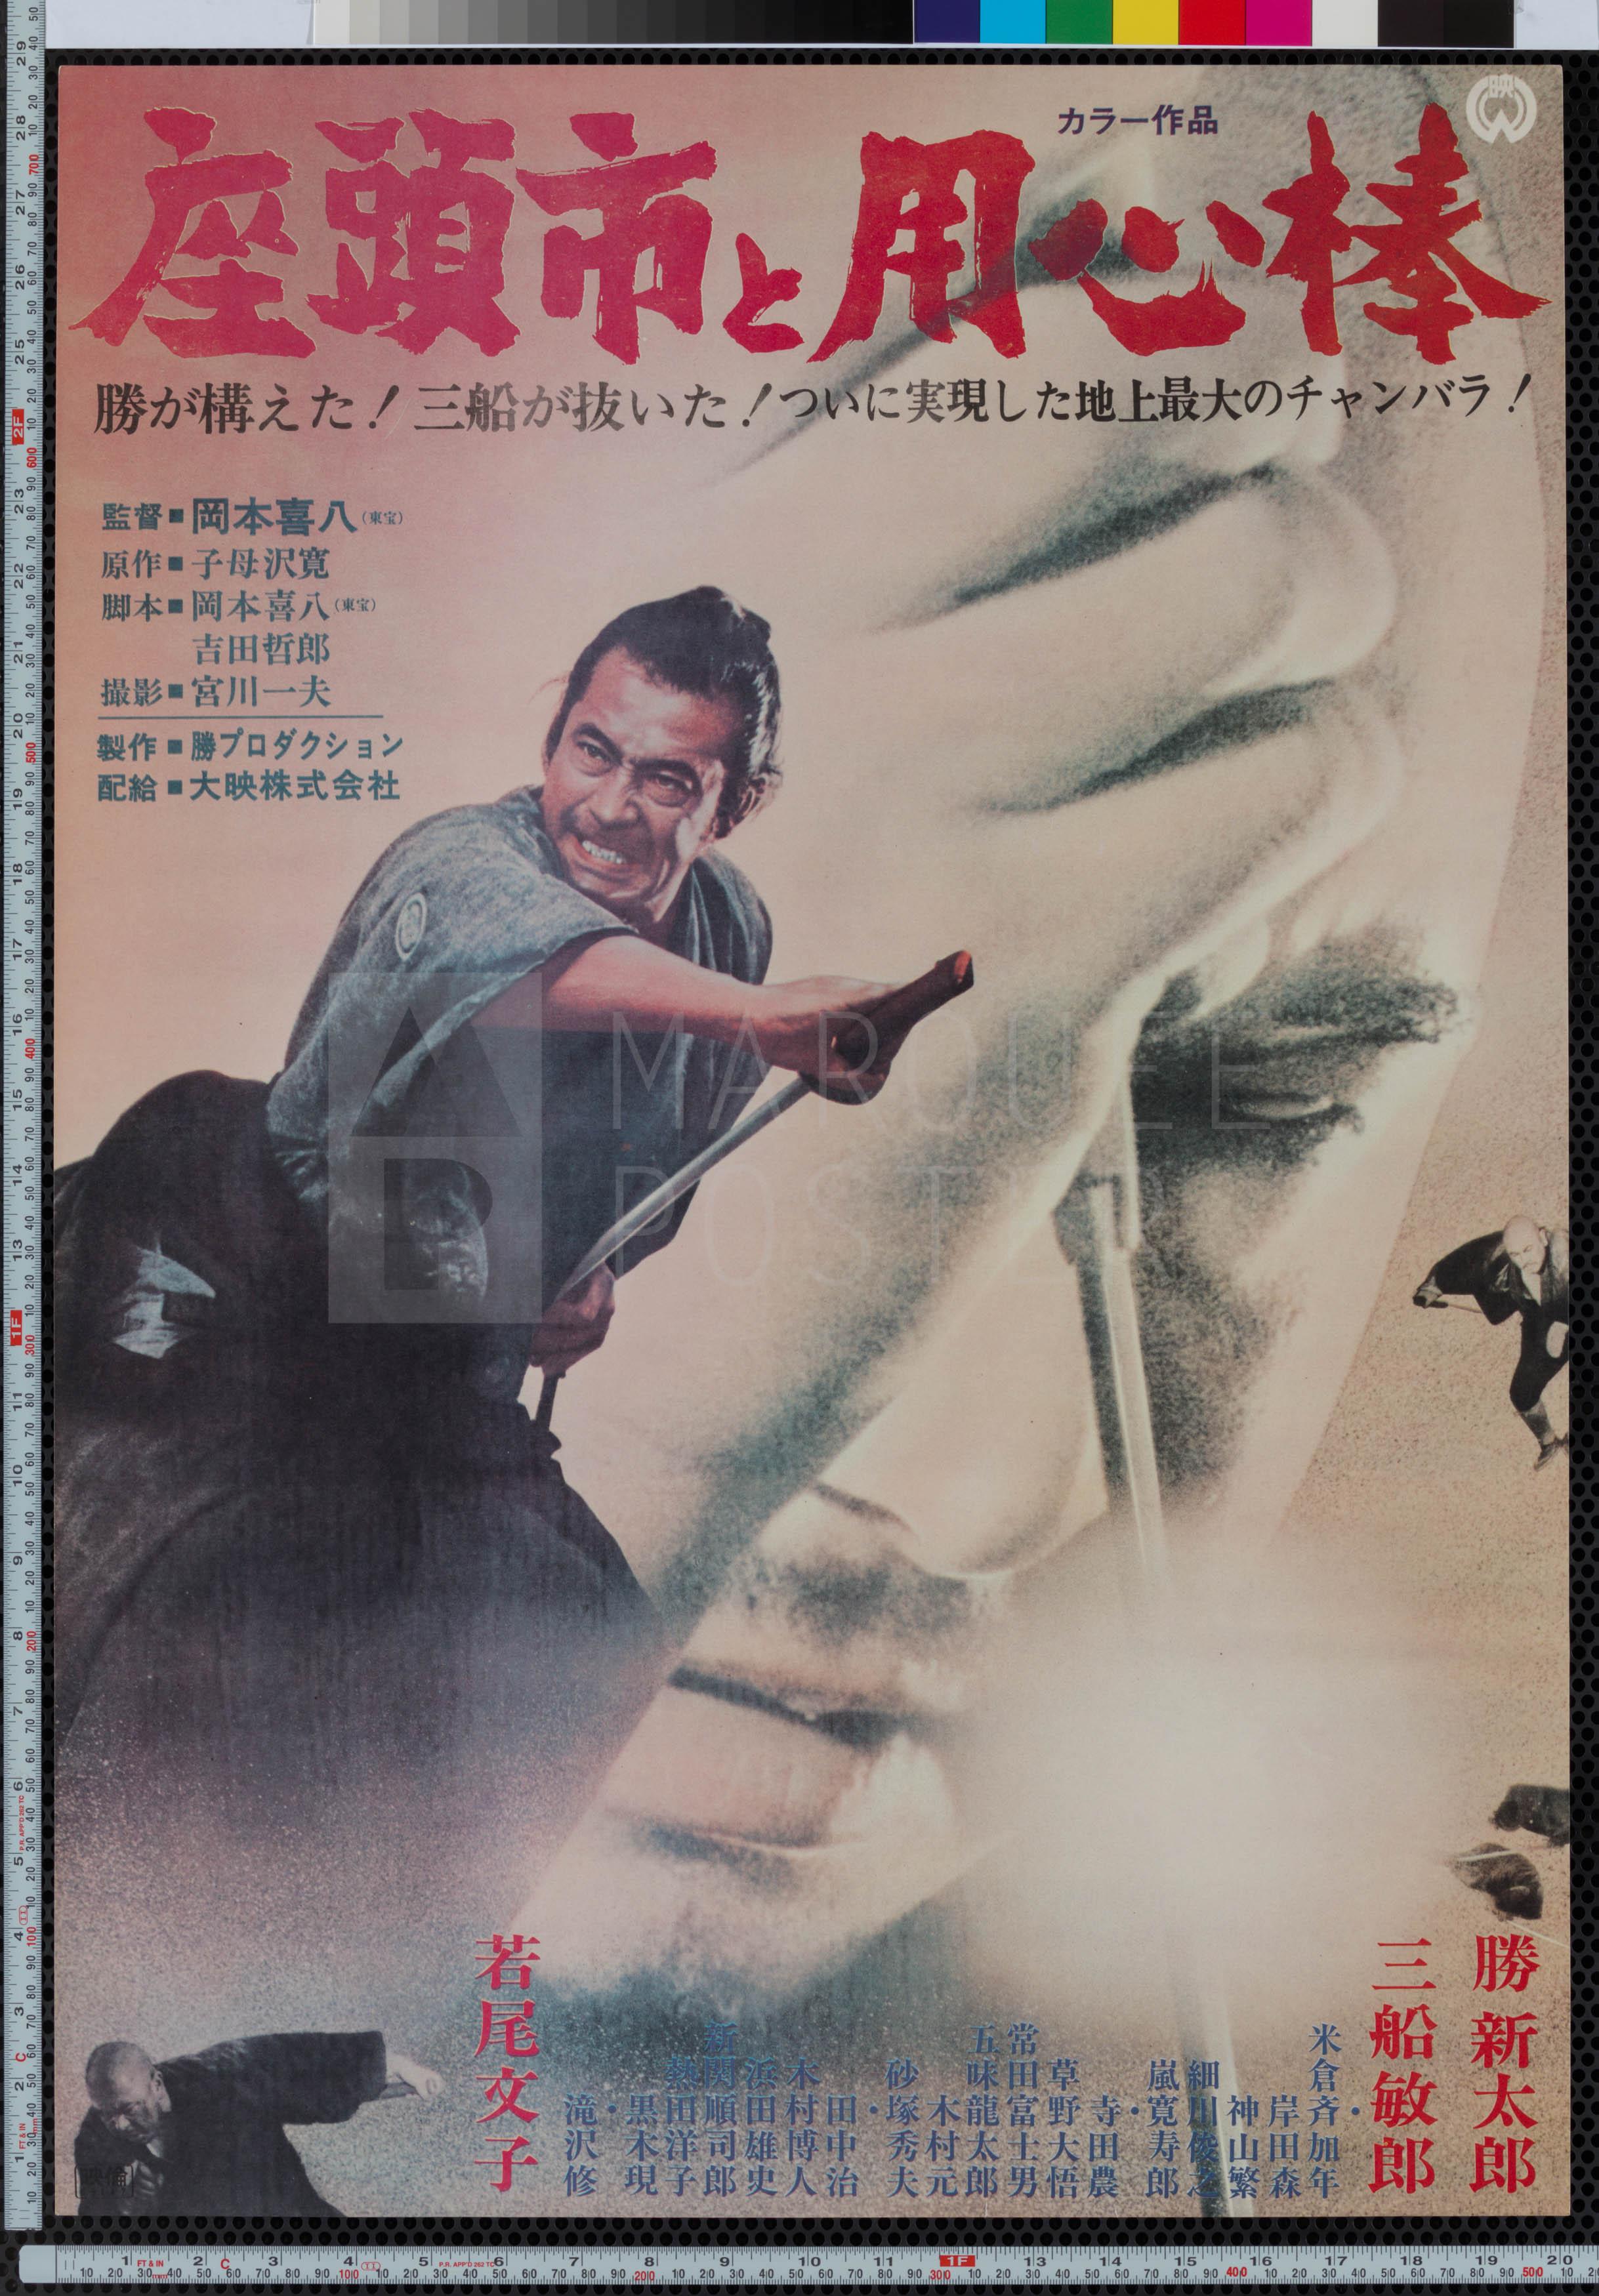 60-zatoichi-meets-yojimbo-japanese-b2-1970-02-27